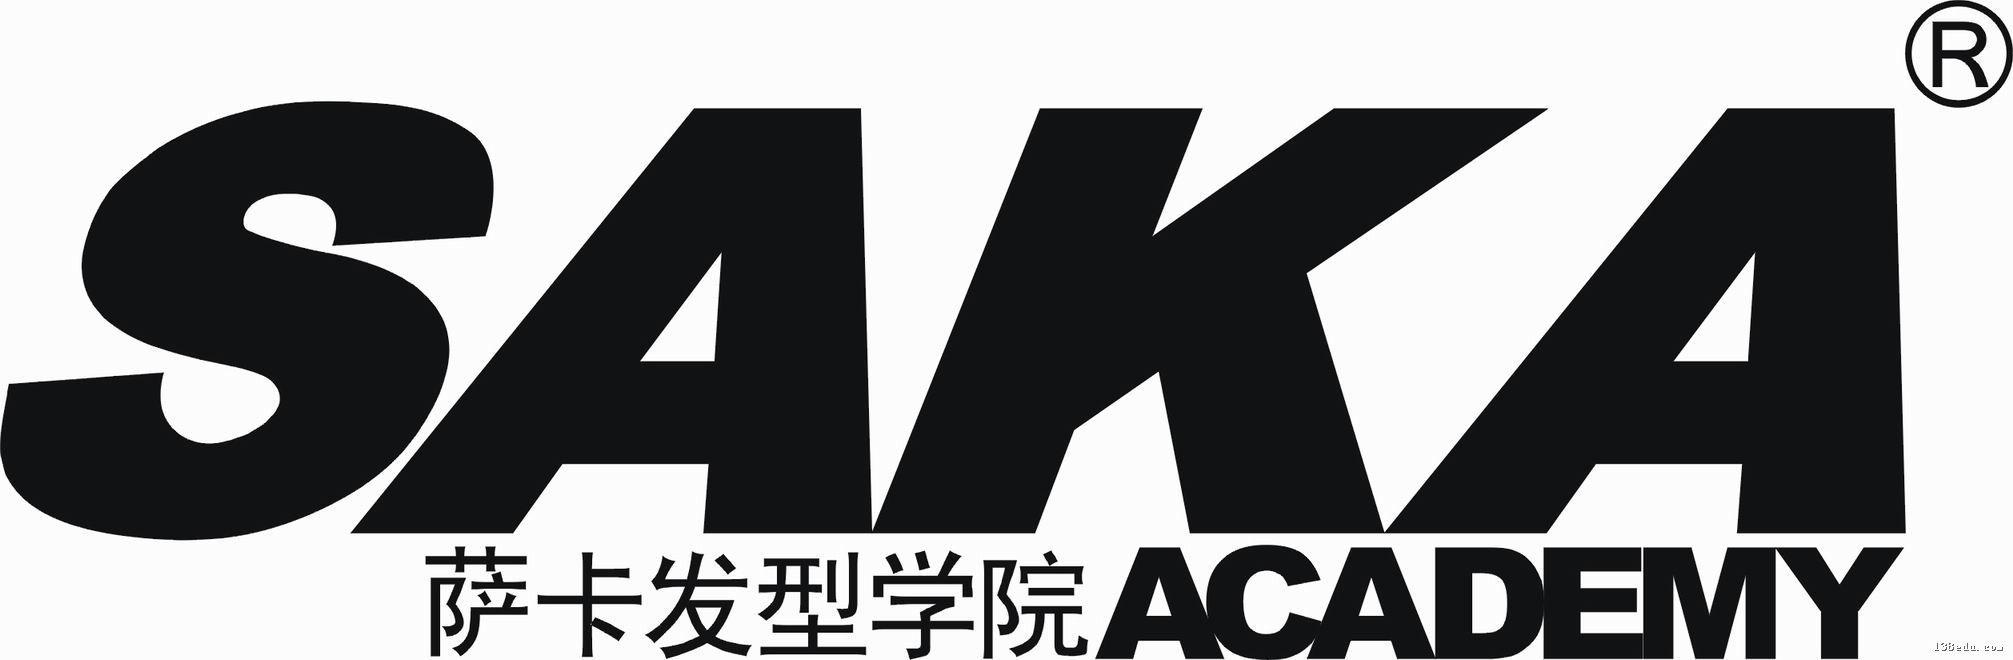 广州saka(萨卡)发型学院的学校logo-138edu